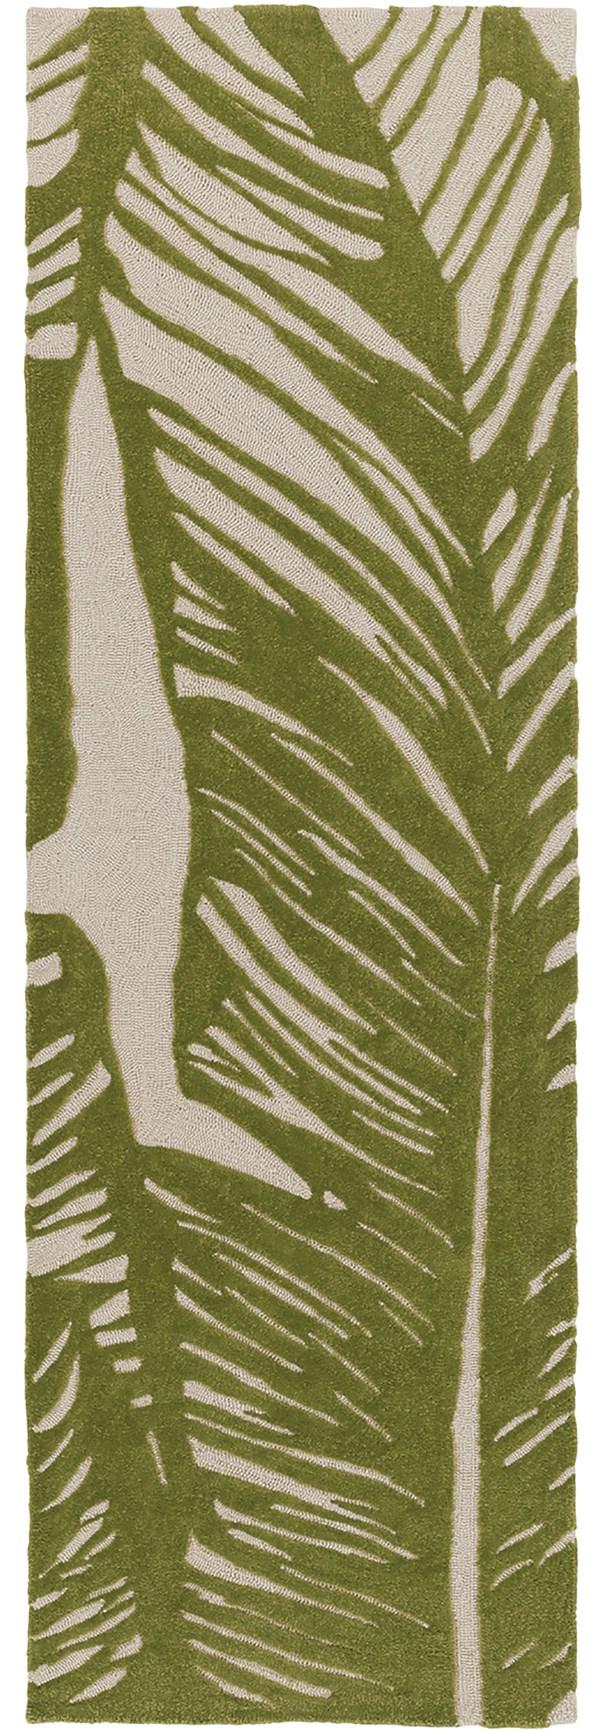 Beige, Olive Outdoor / Indoor Area Rug